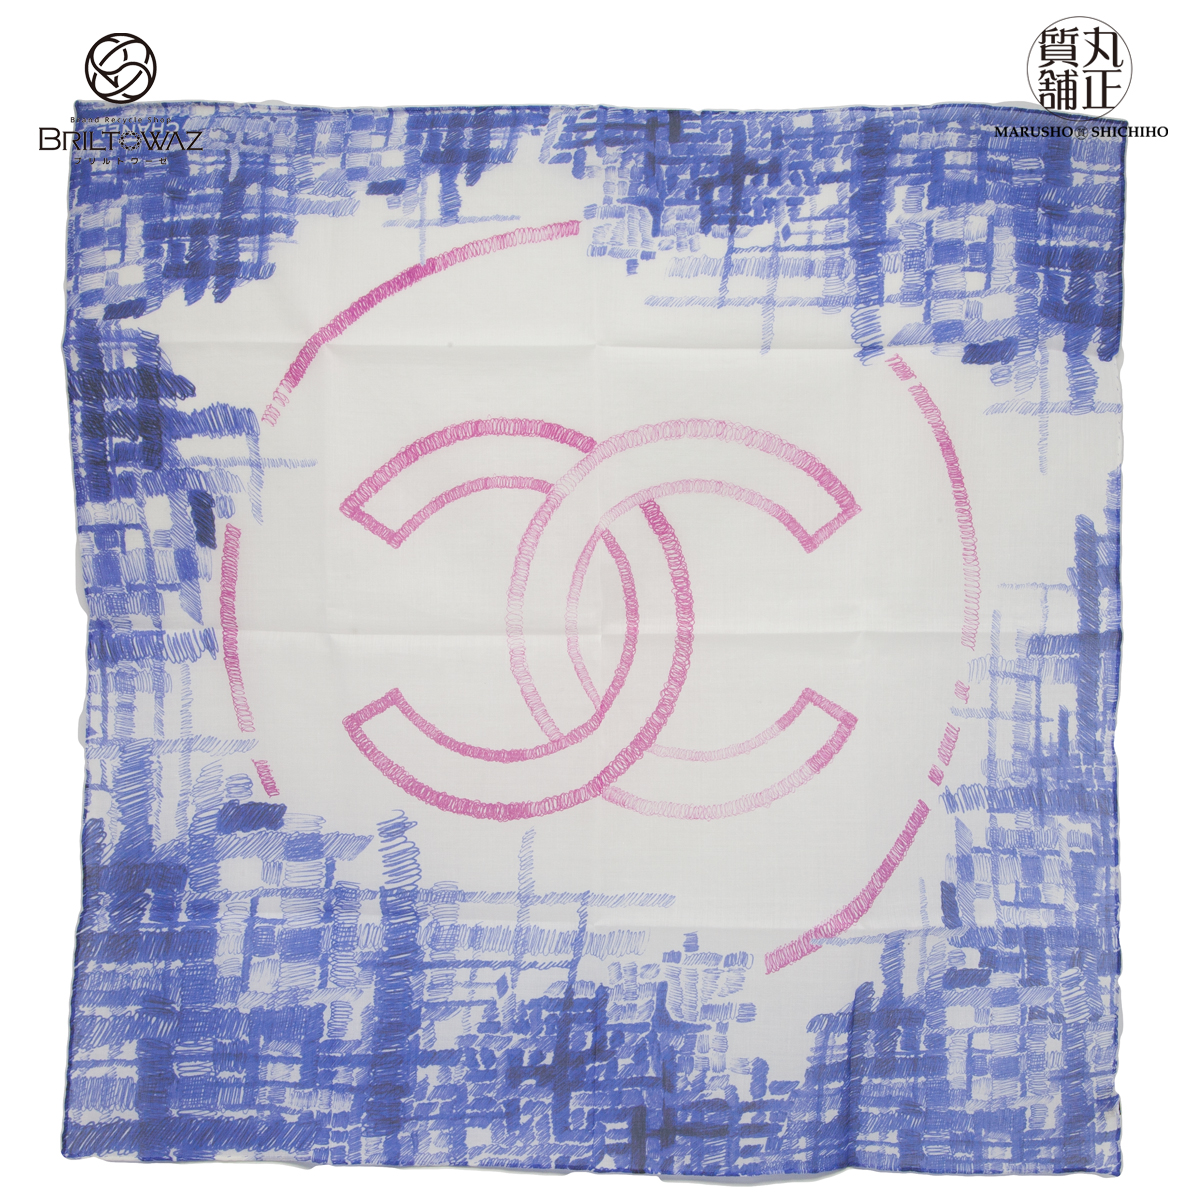 【送料無料】【あす楽】シャネル スカーフ ハンカチ コットン 55 ロゴ CHANEL【中古】【代引 無料】【ブリルトワーゼ】【丸正質舗】【質屋】(M208042)